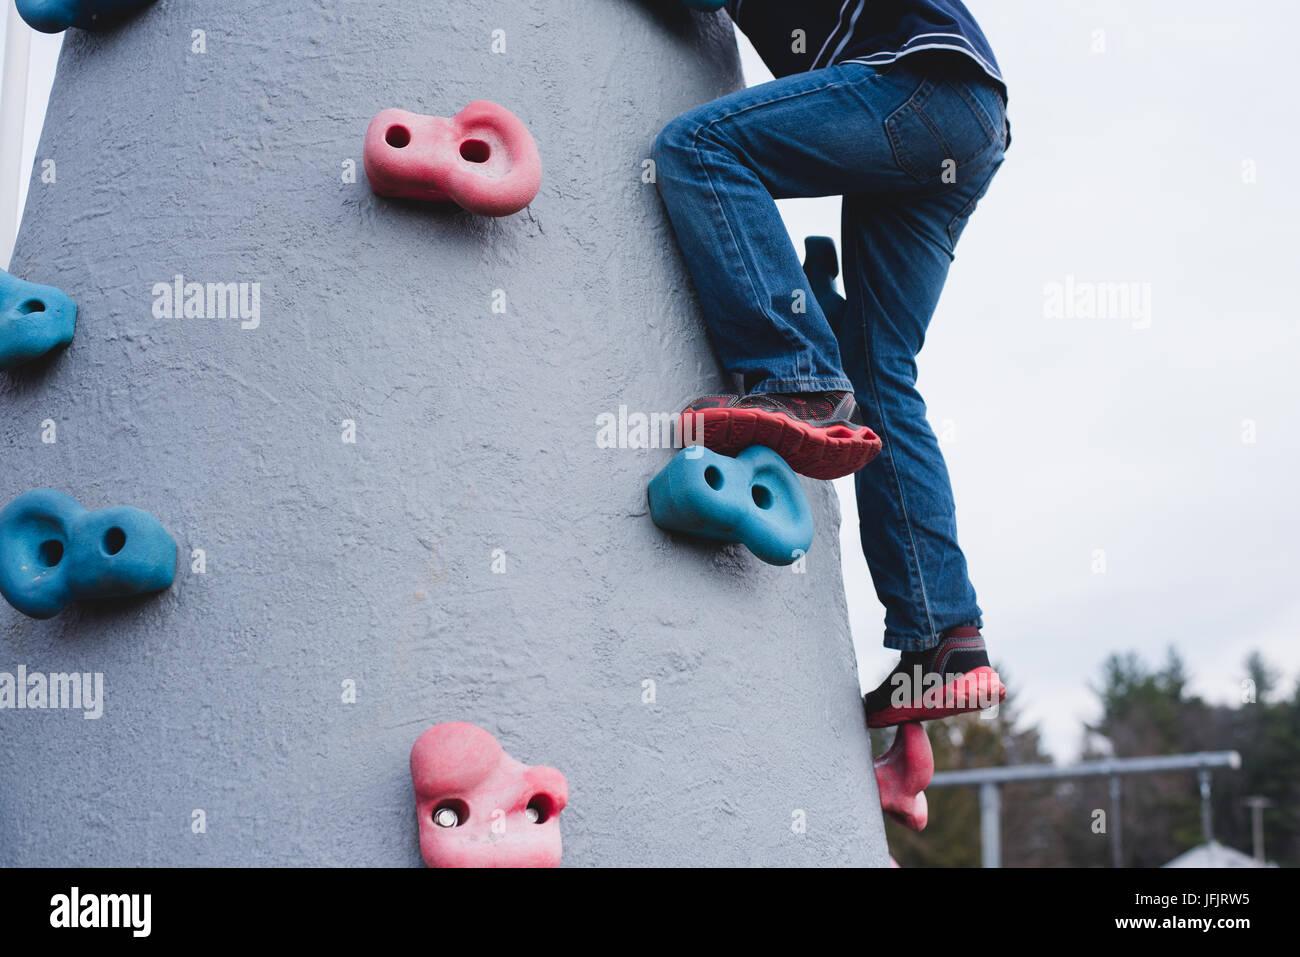 Un ragazzo si arrampica attrezzature per parchi giochi. Immagini Stock